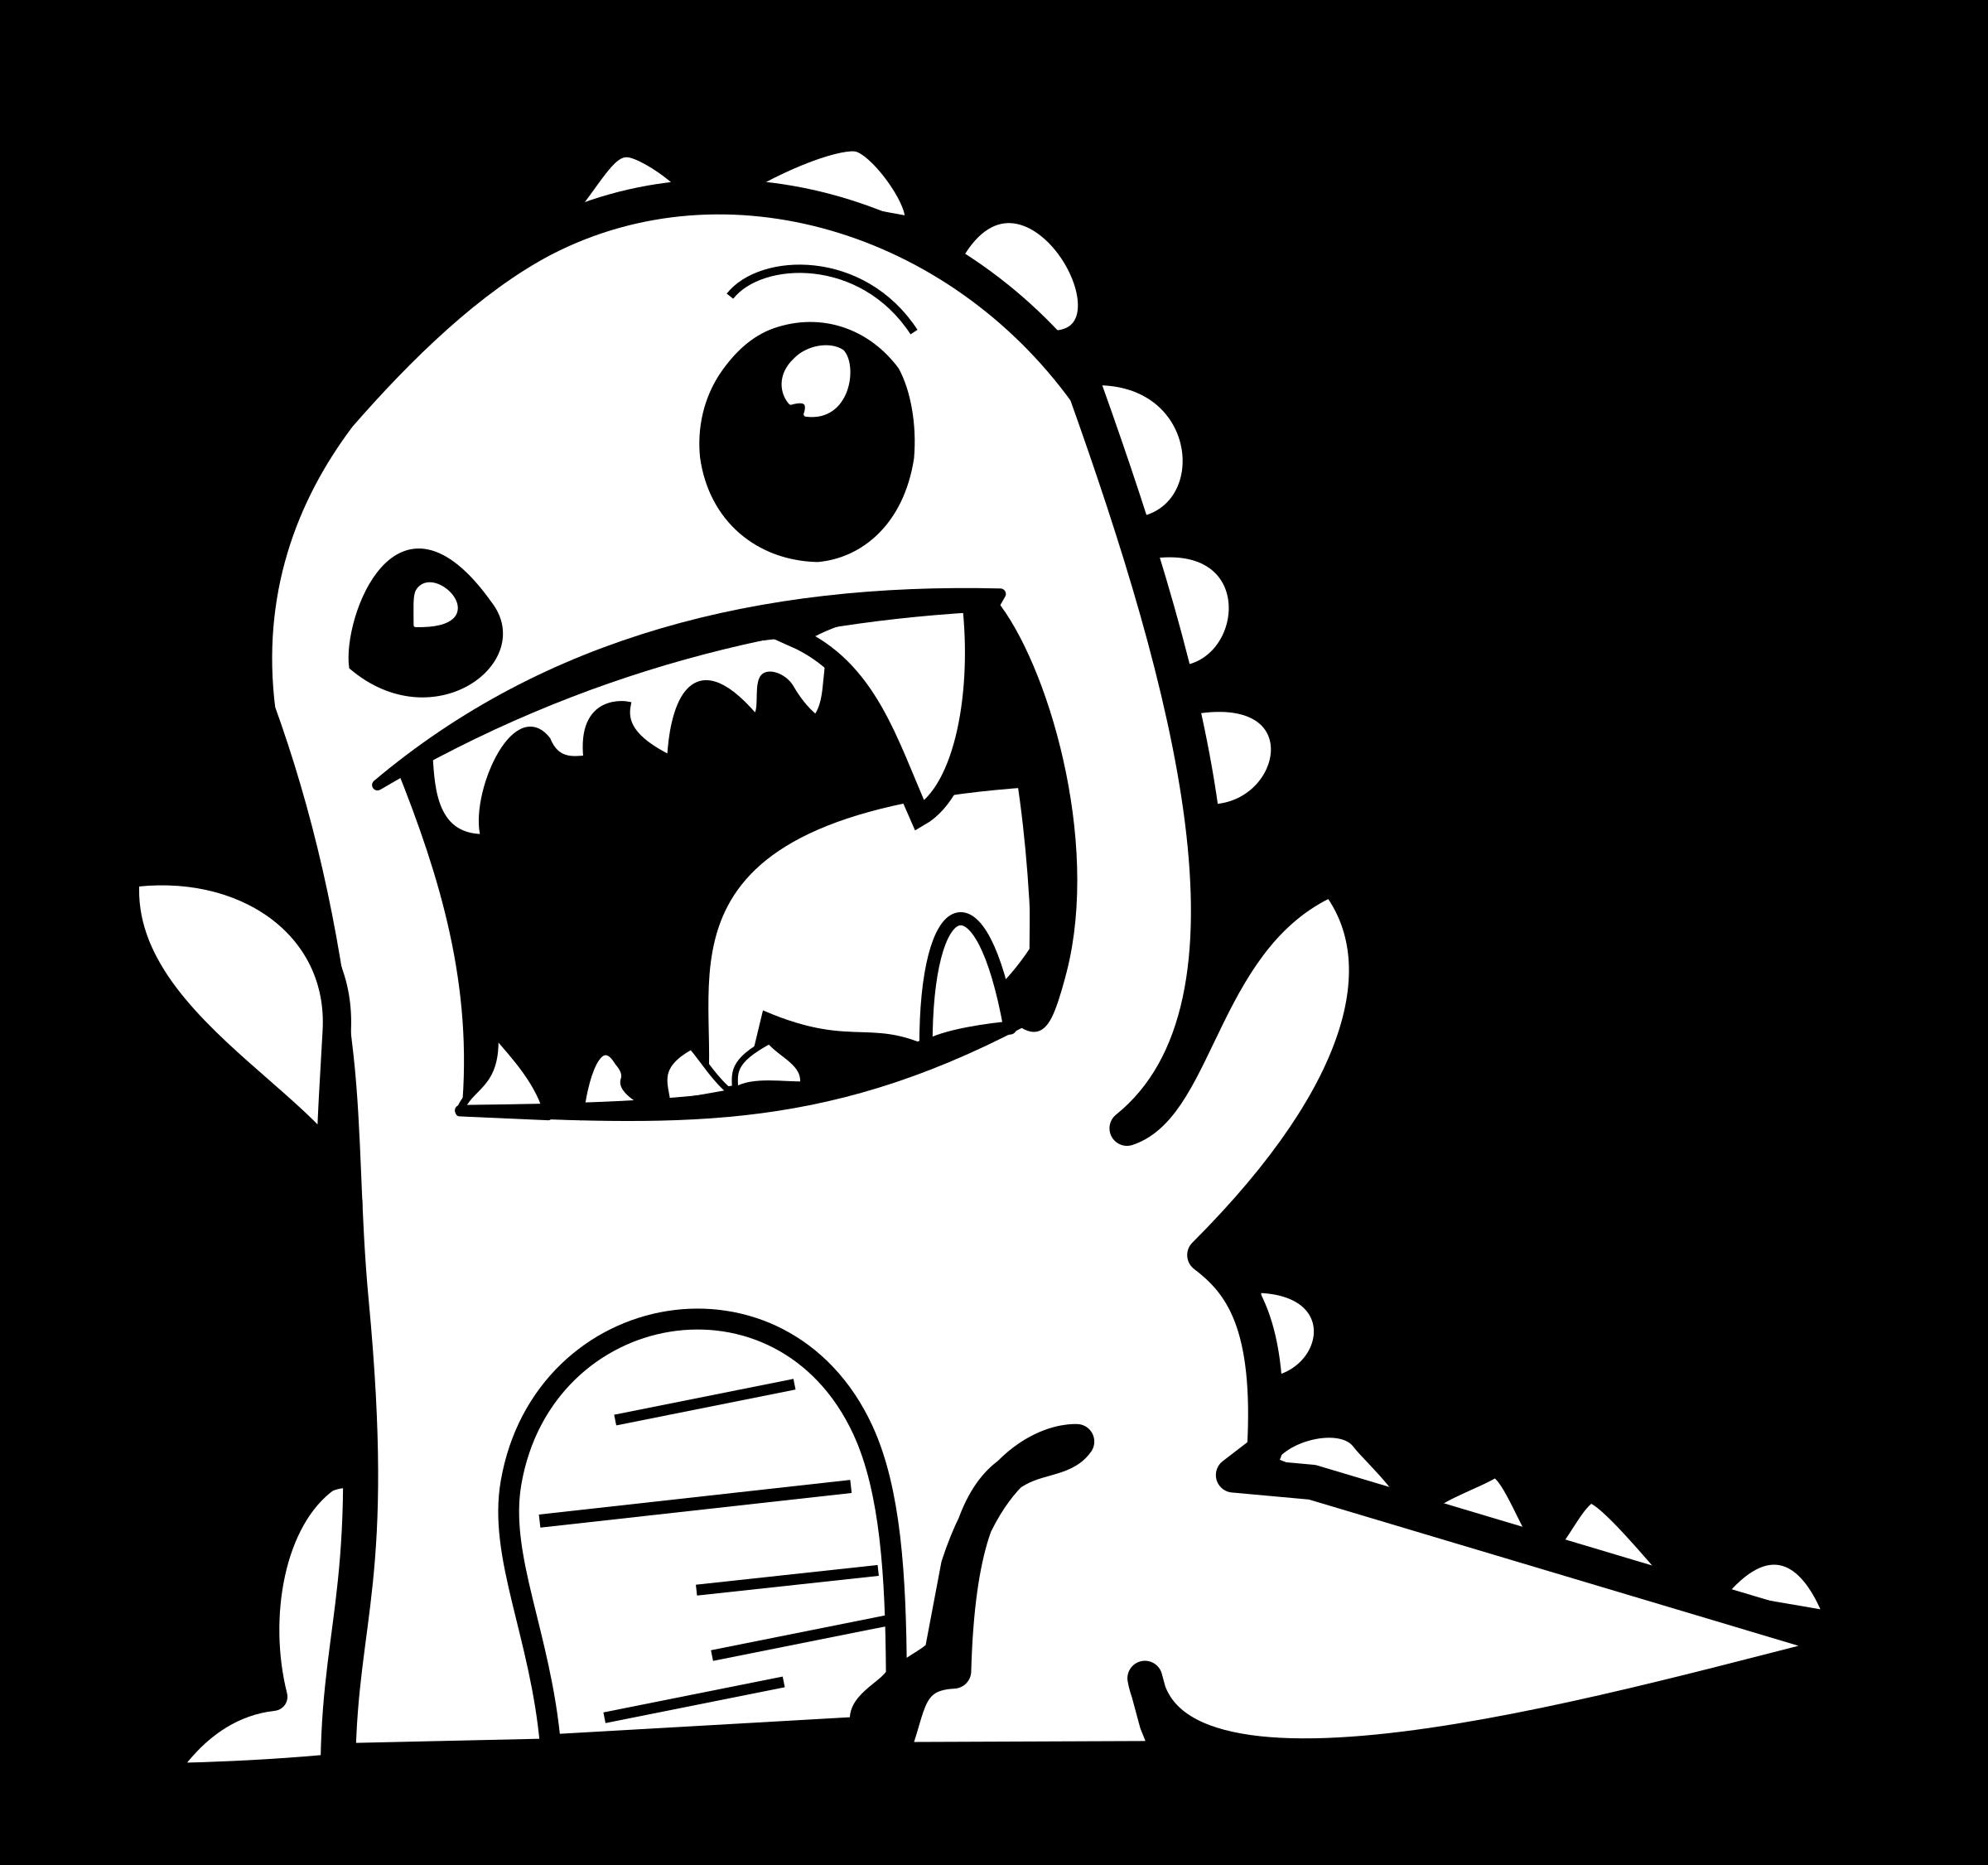 Dinosaur clipart outline. Rawr big image png